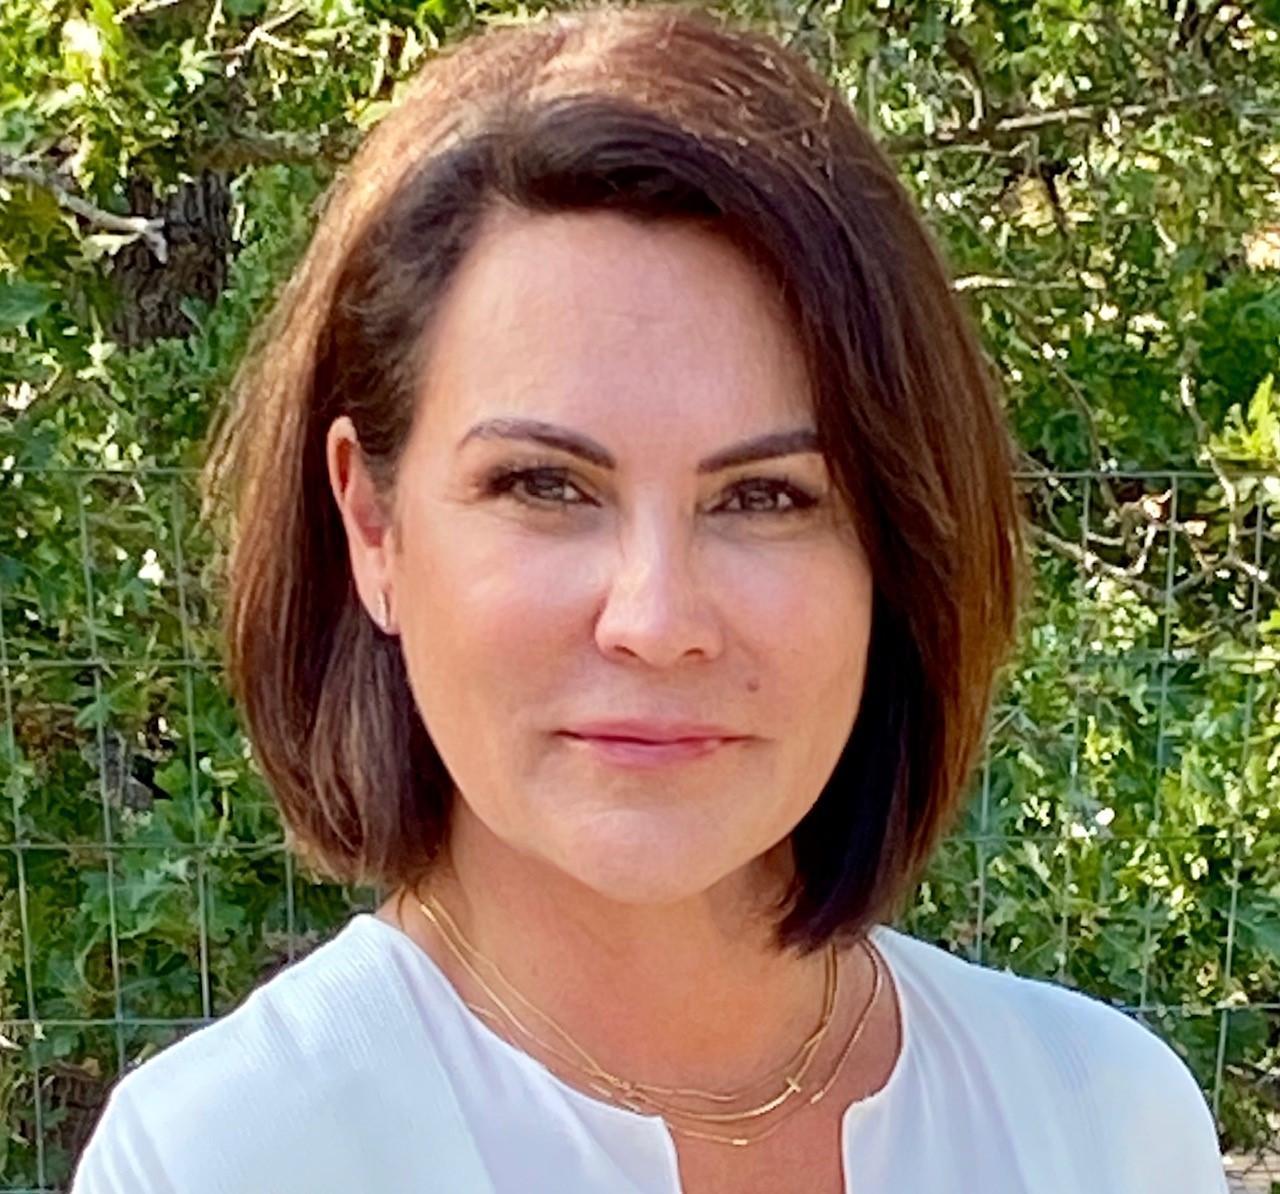 Liz Gallager